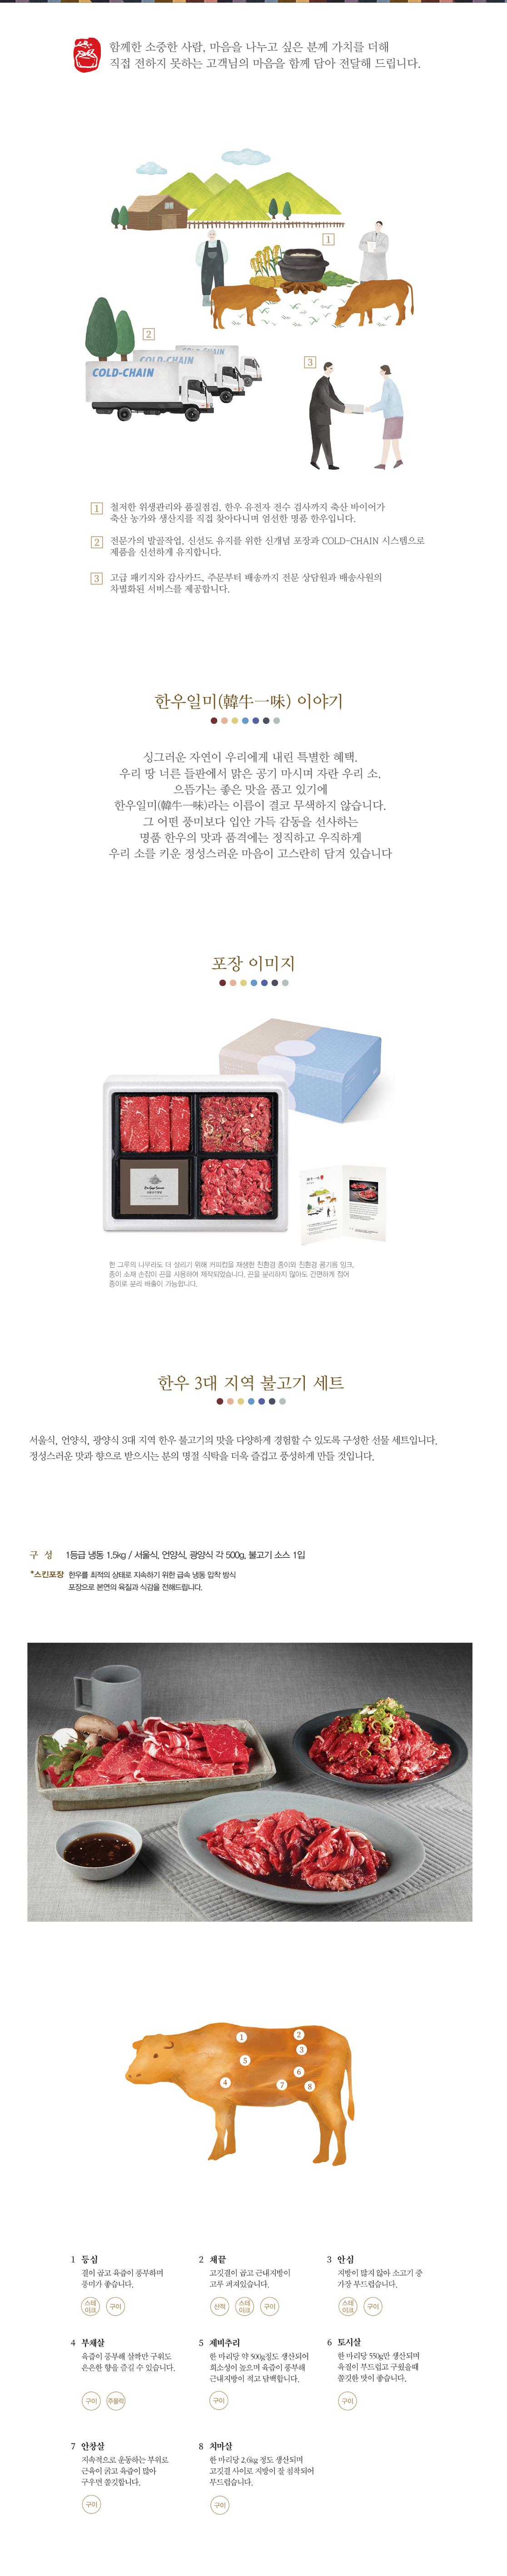 한우3대지역불고기세트 1.5kg 1등급 냉동 1.5kg / 서울식, 언양식, 광양식 각 500g, 불고기소스